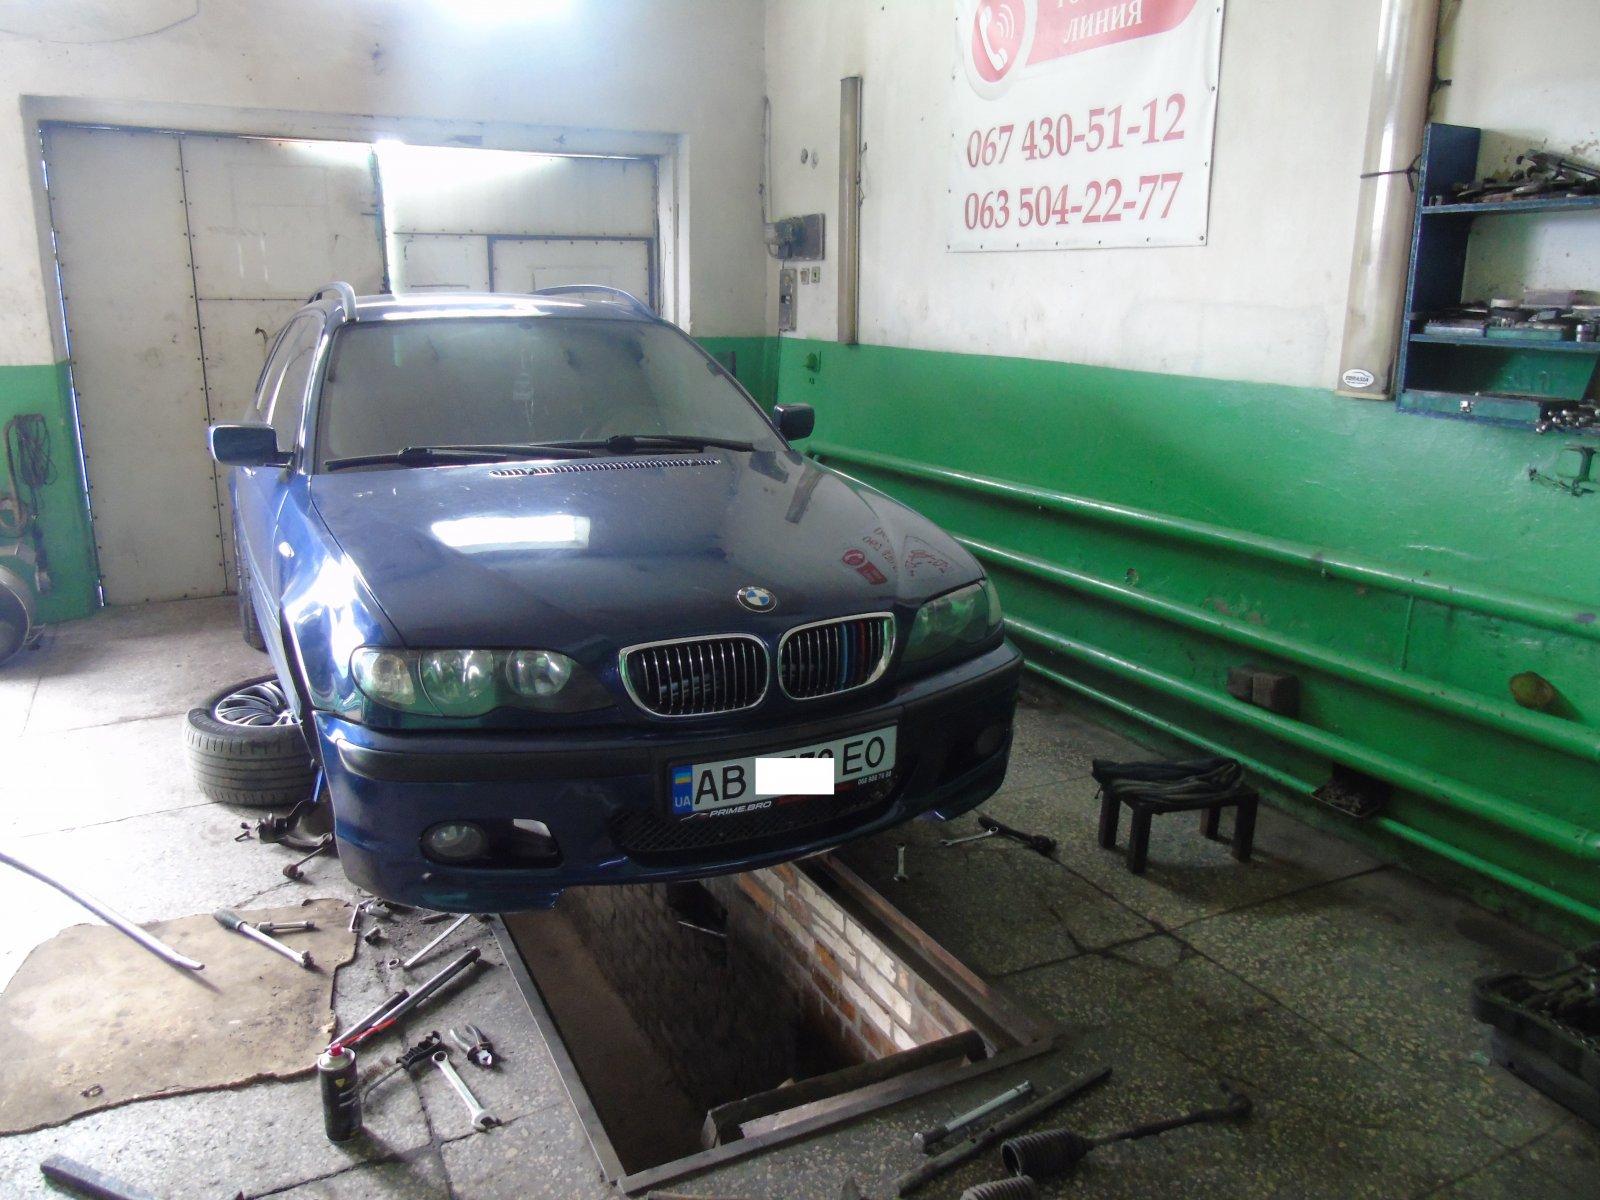 Відновлення передній важелів  BMW 3 (E46). Встановлення передніх стійок та втулок  виробництва нашої компанії